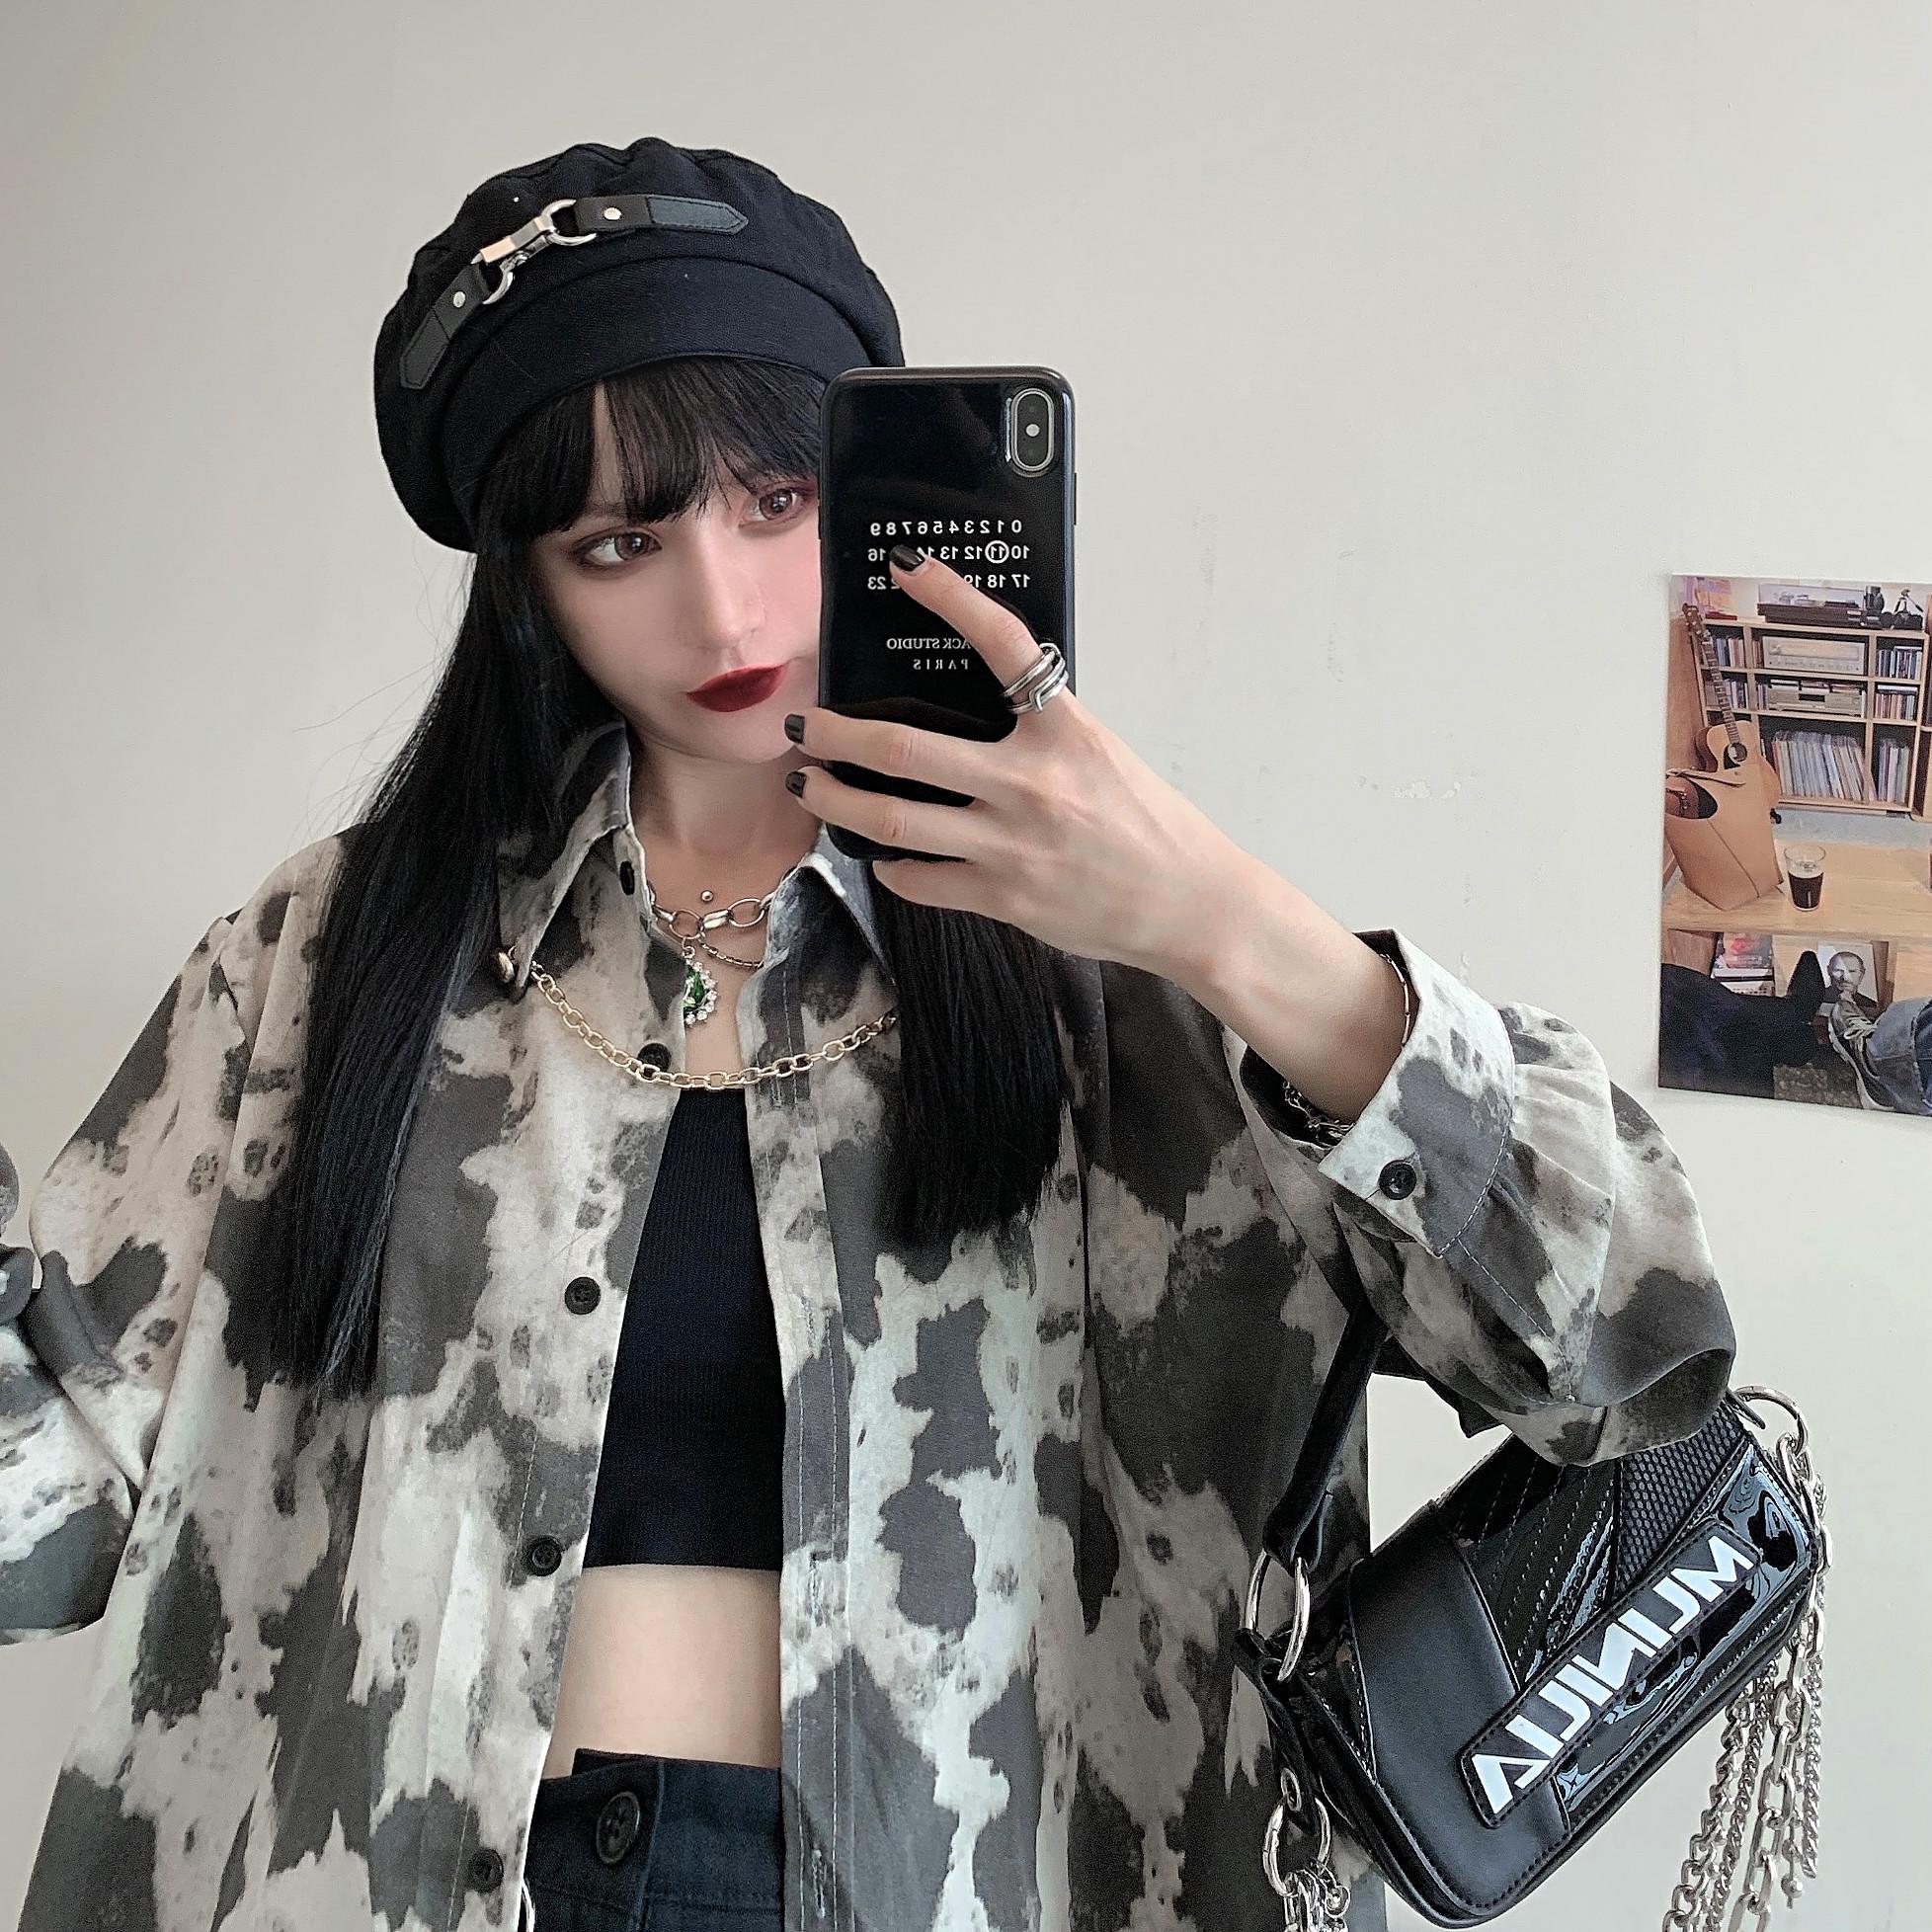 【实拍控价37¥】灰色扎染衬衫女百搭复古暗黑衬衣潮